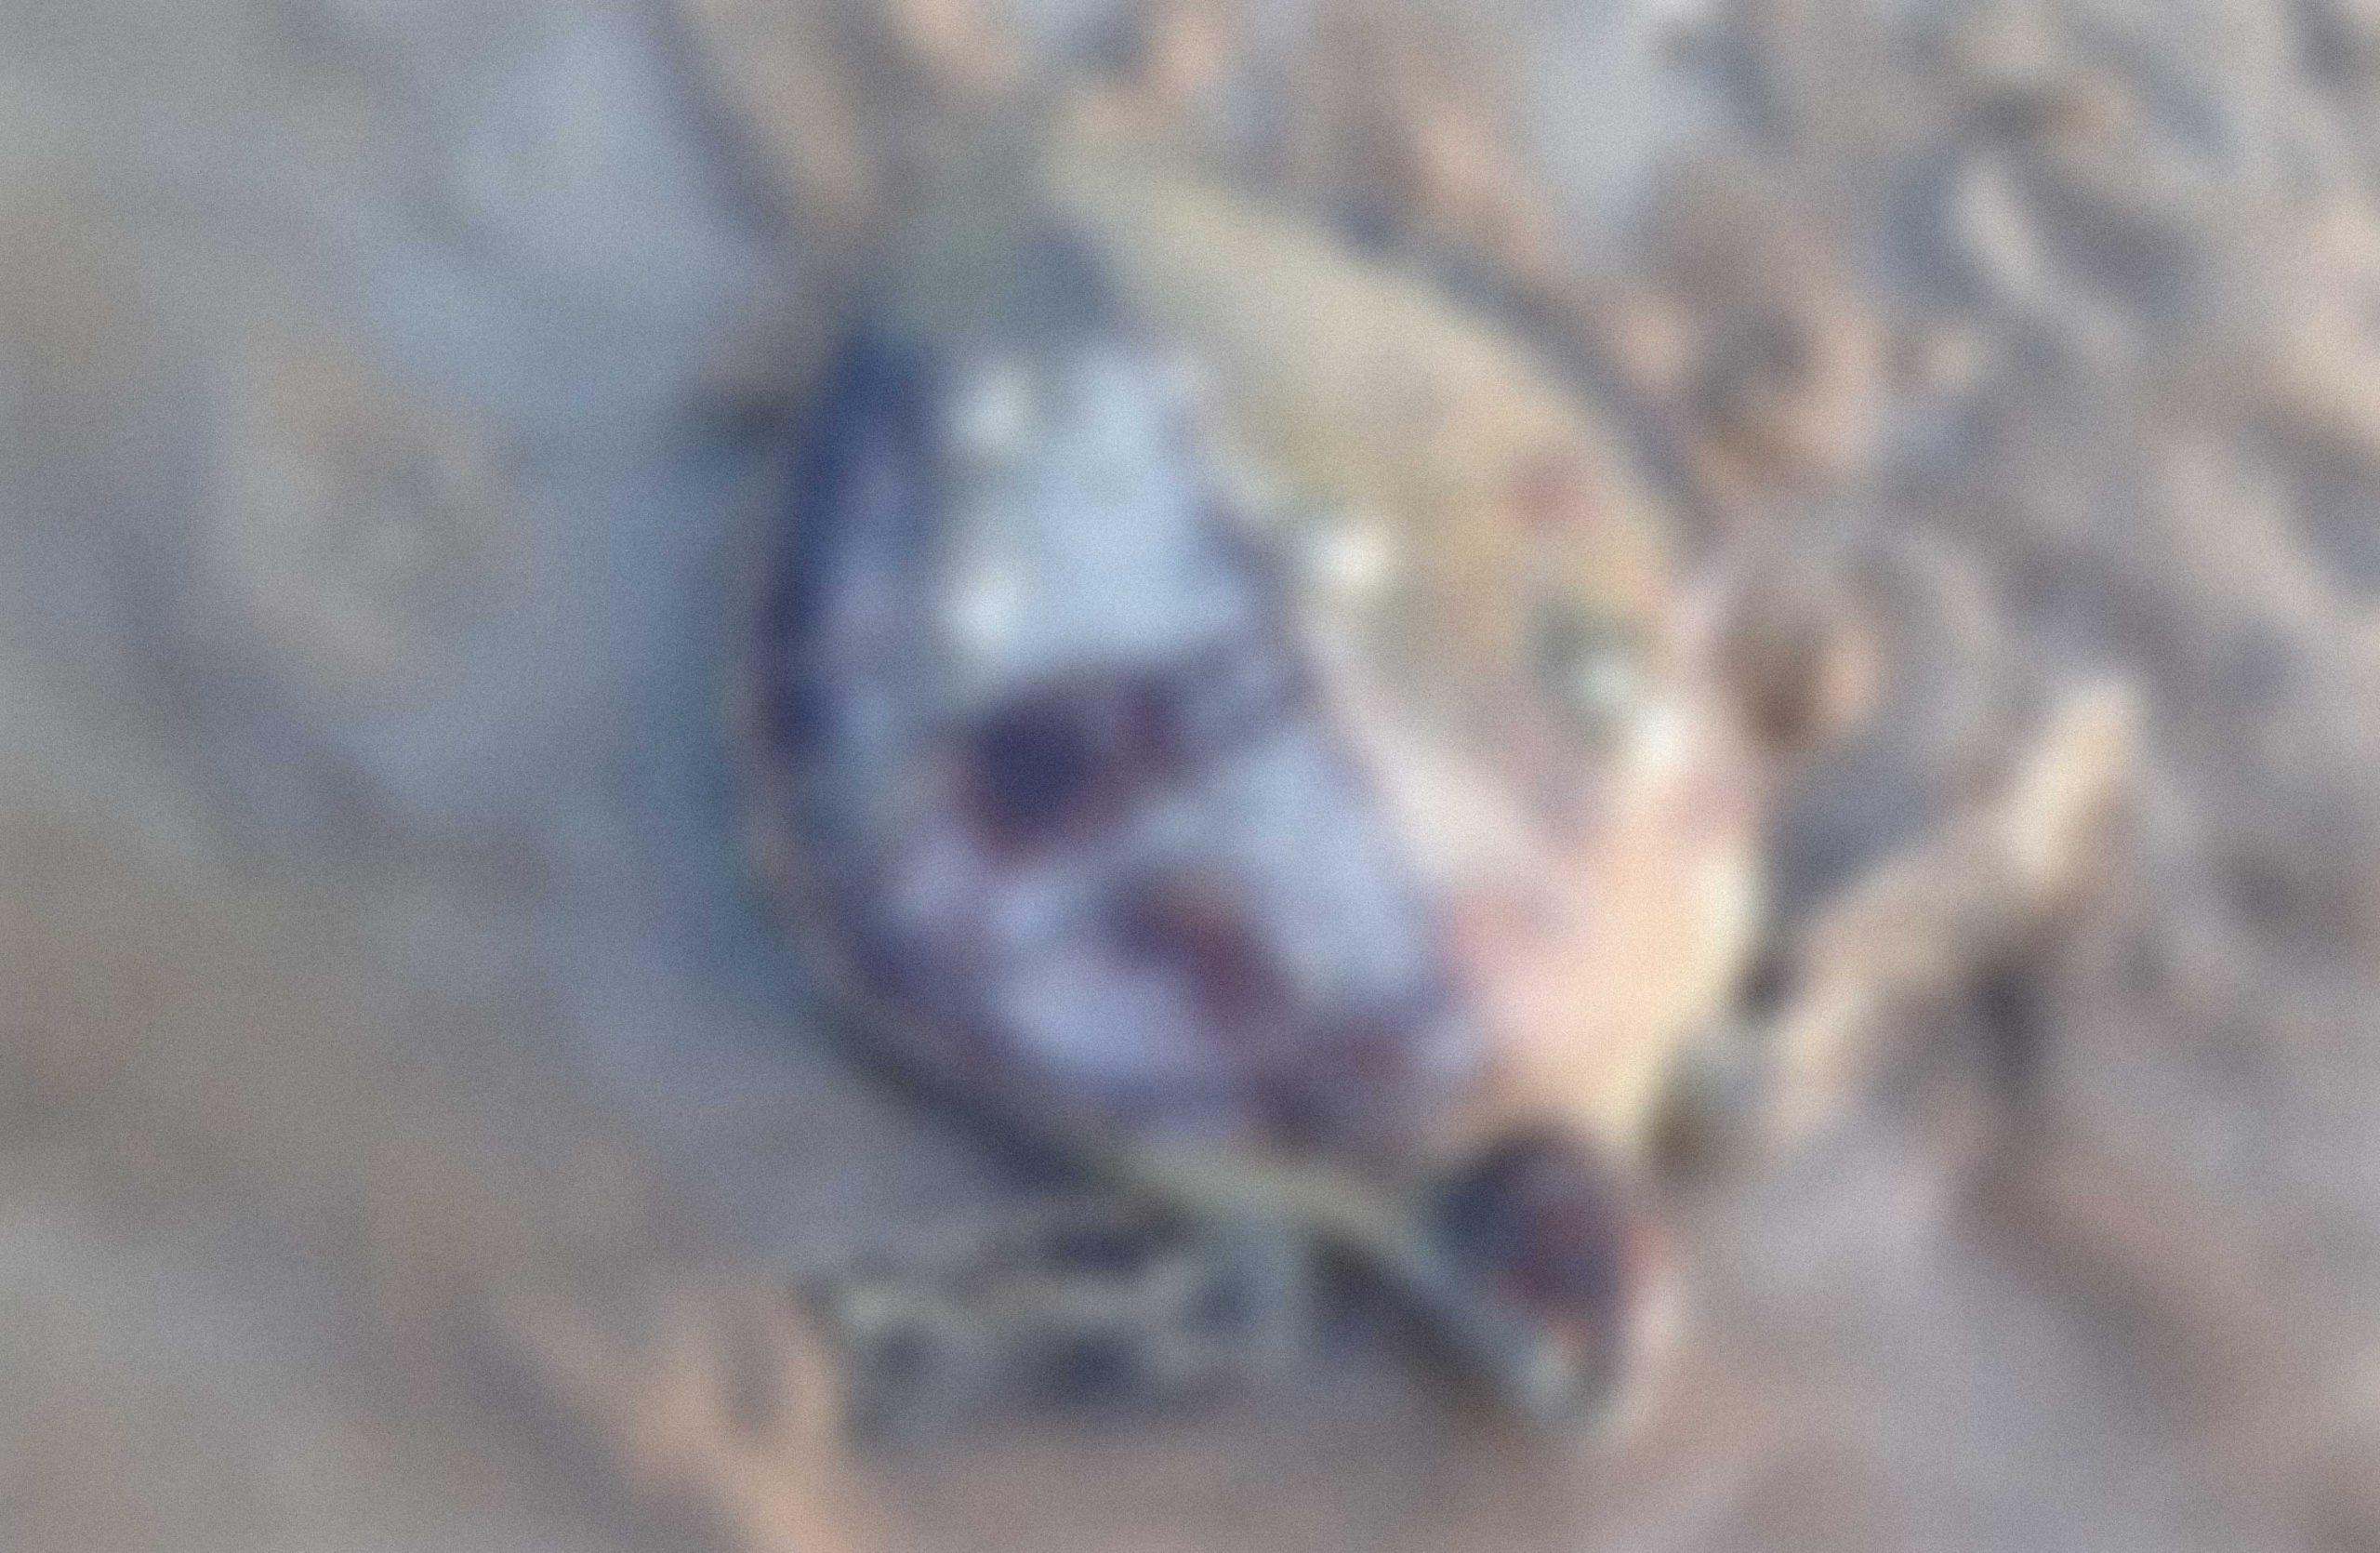 خالد الفيلكاوي, الكويت (السلاحف)